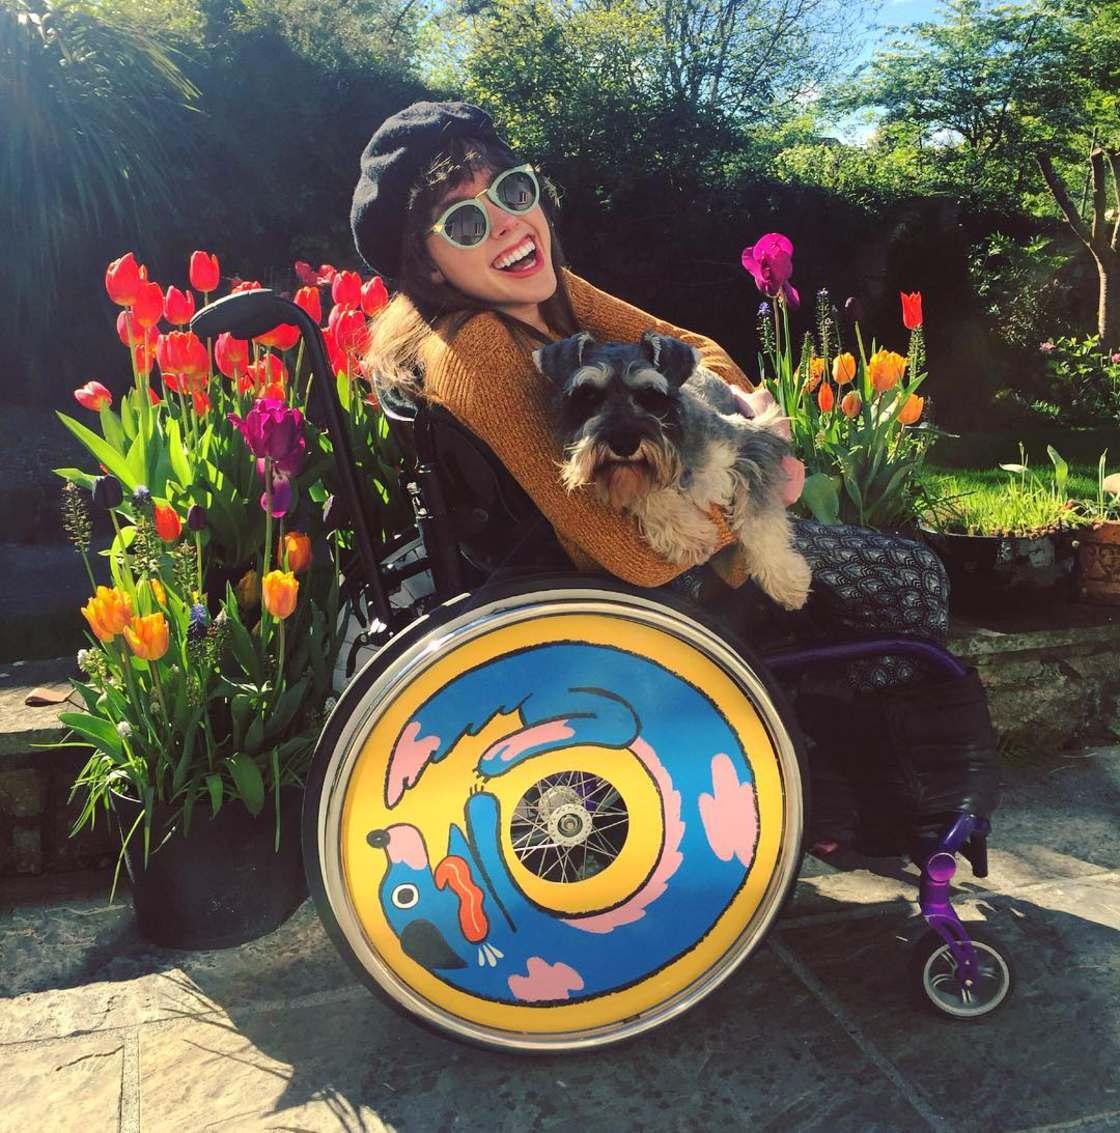 Ces deux s?urs creent des fauteuils roulants customises par des artistes